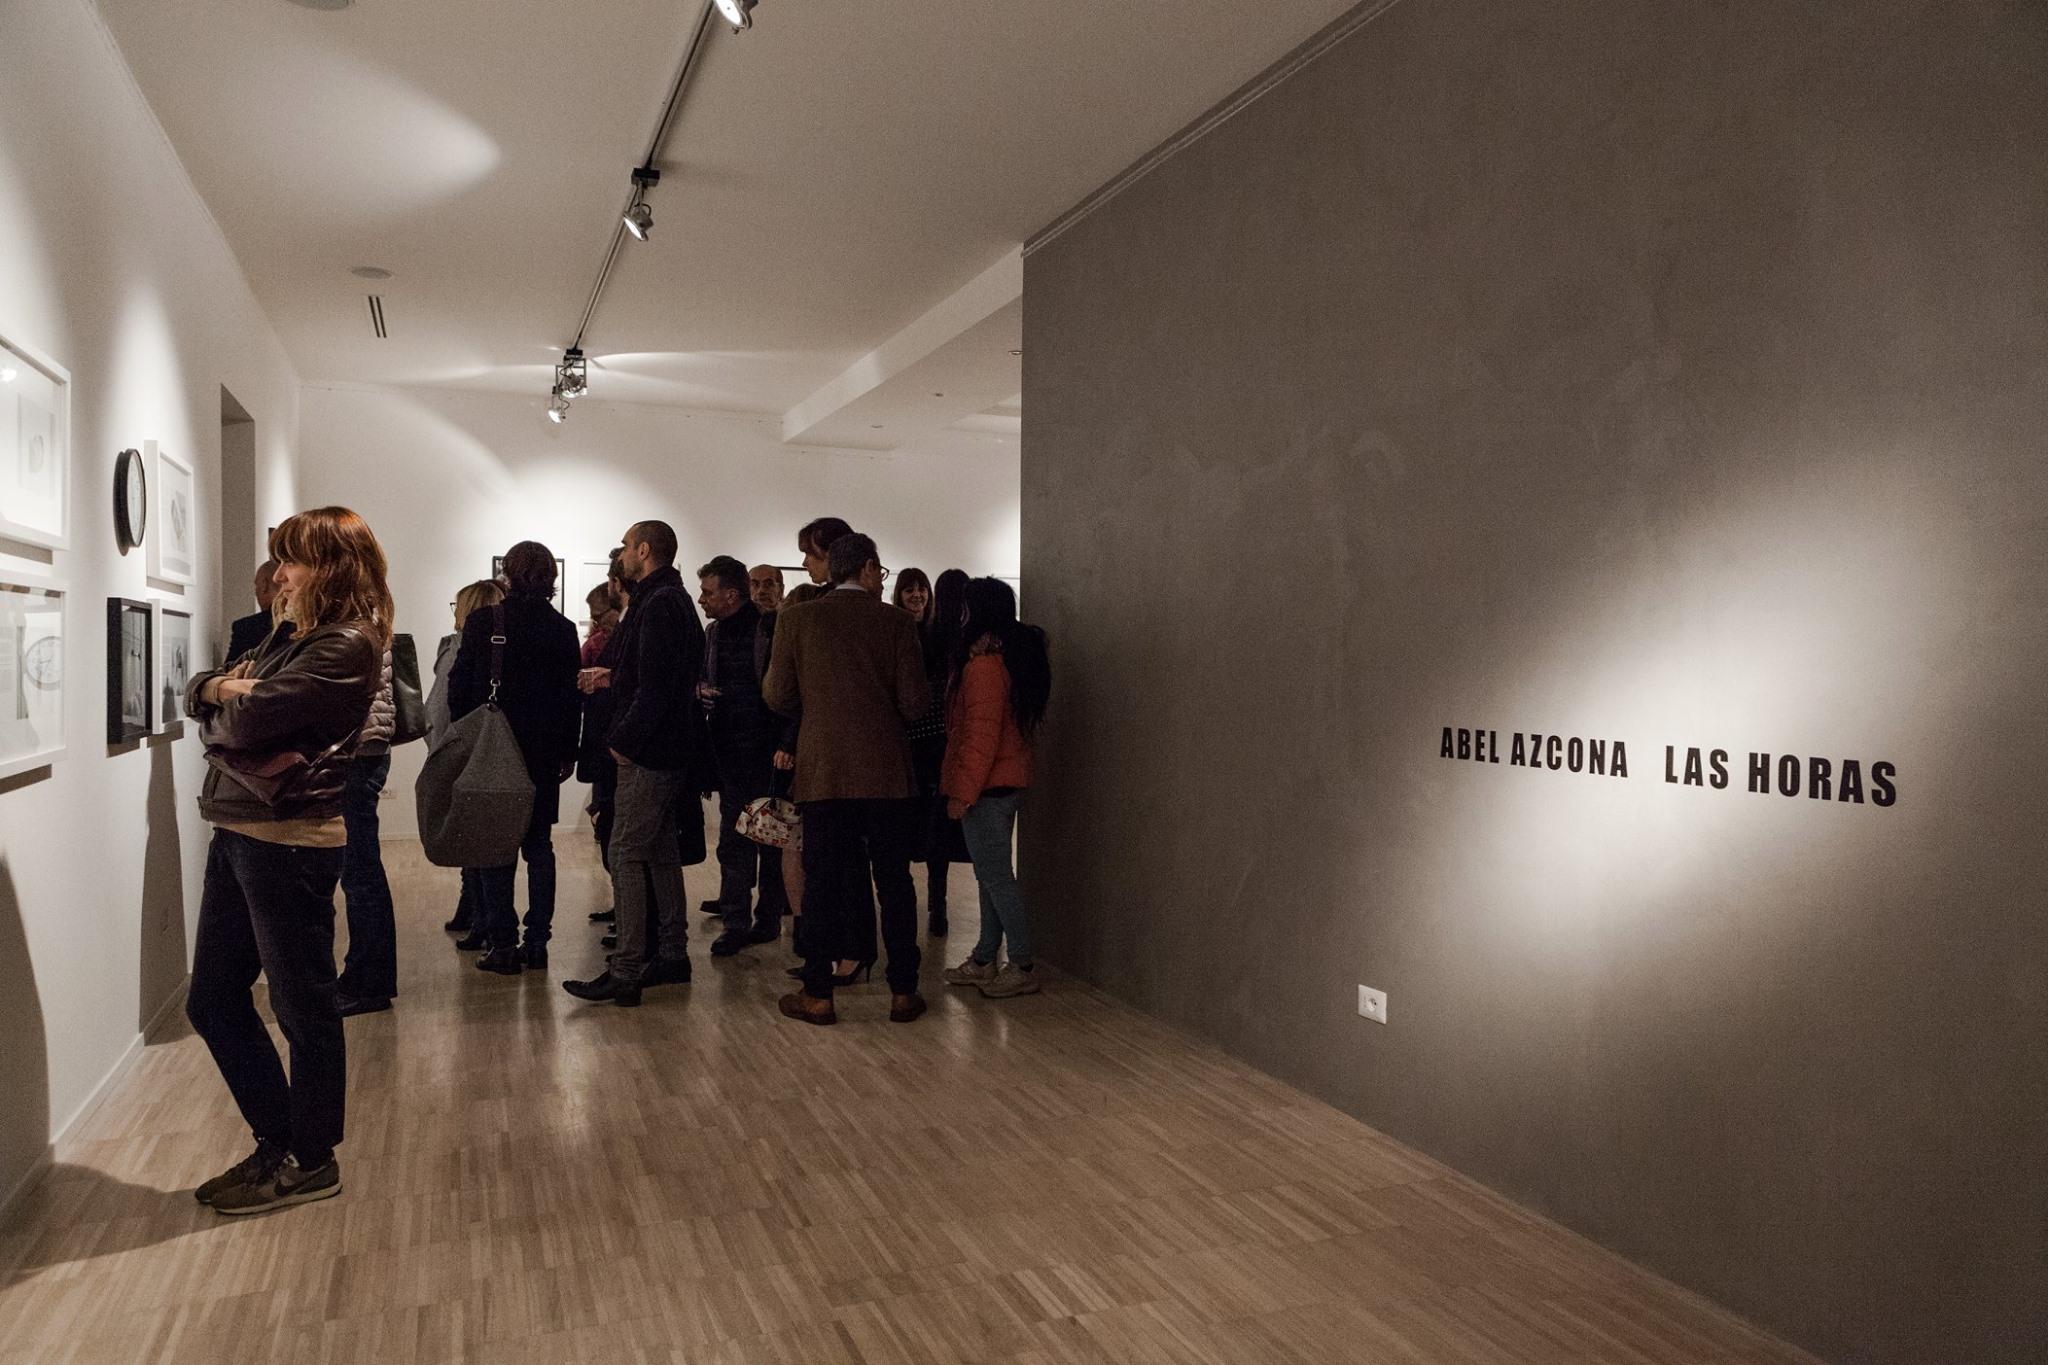 Exposición  Abel Azcona  I  Las Horas en  Rossmut Gallery  de  Roma del 16 Noviembre al 27 Marzo de 2016.